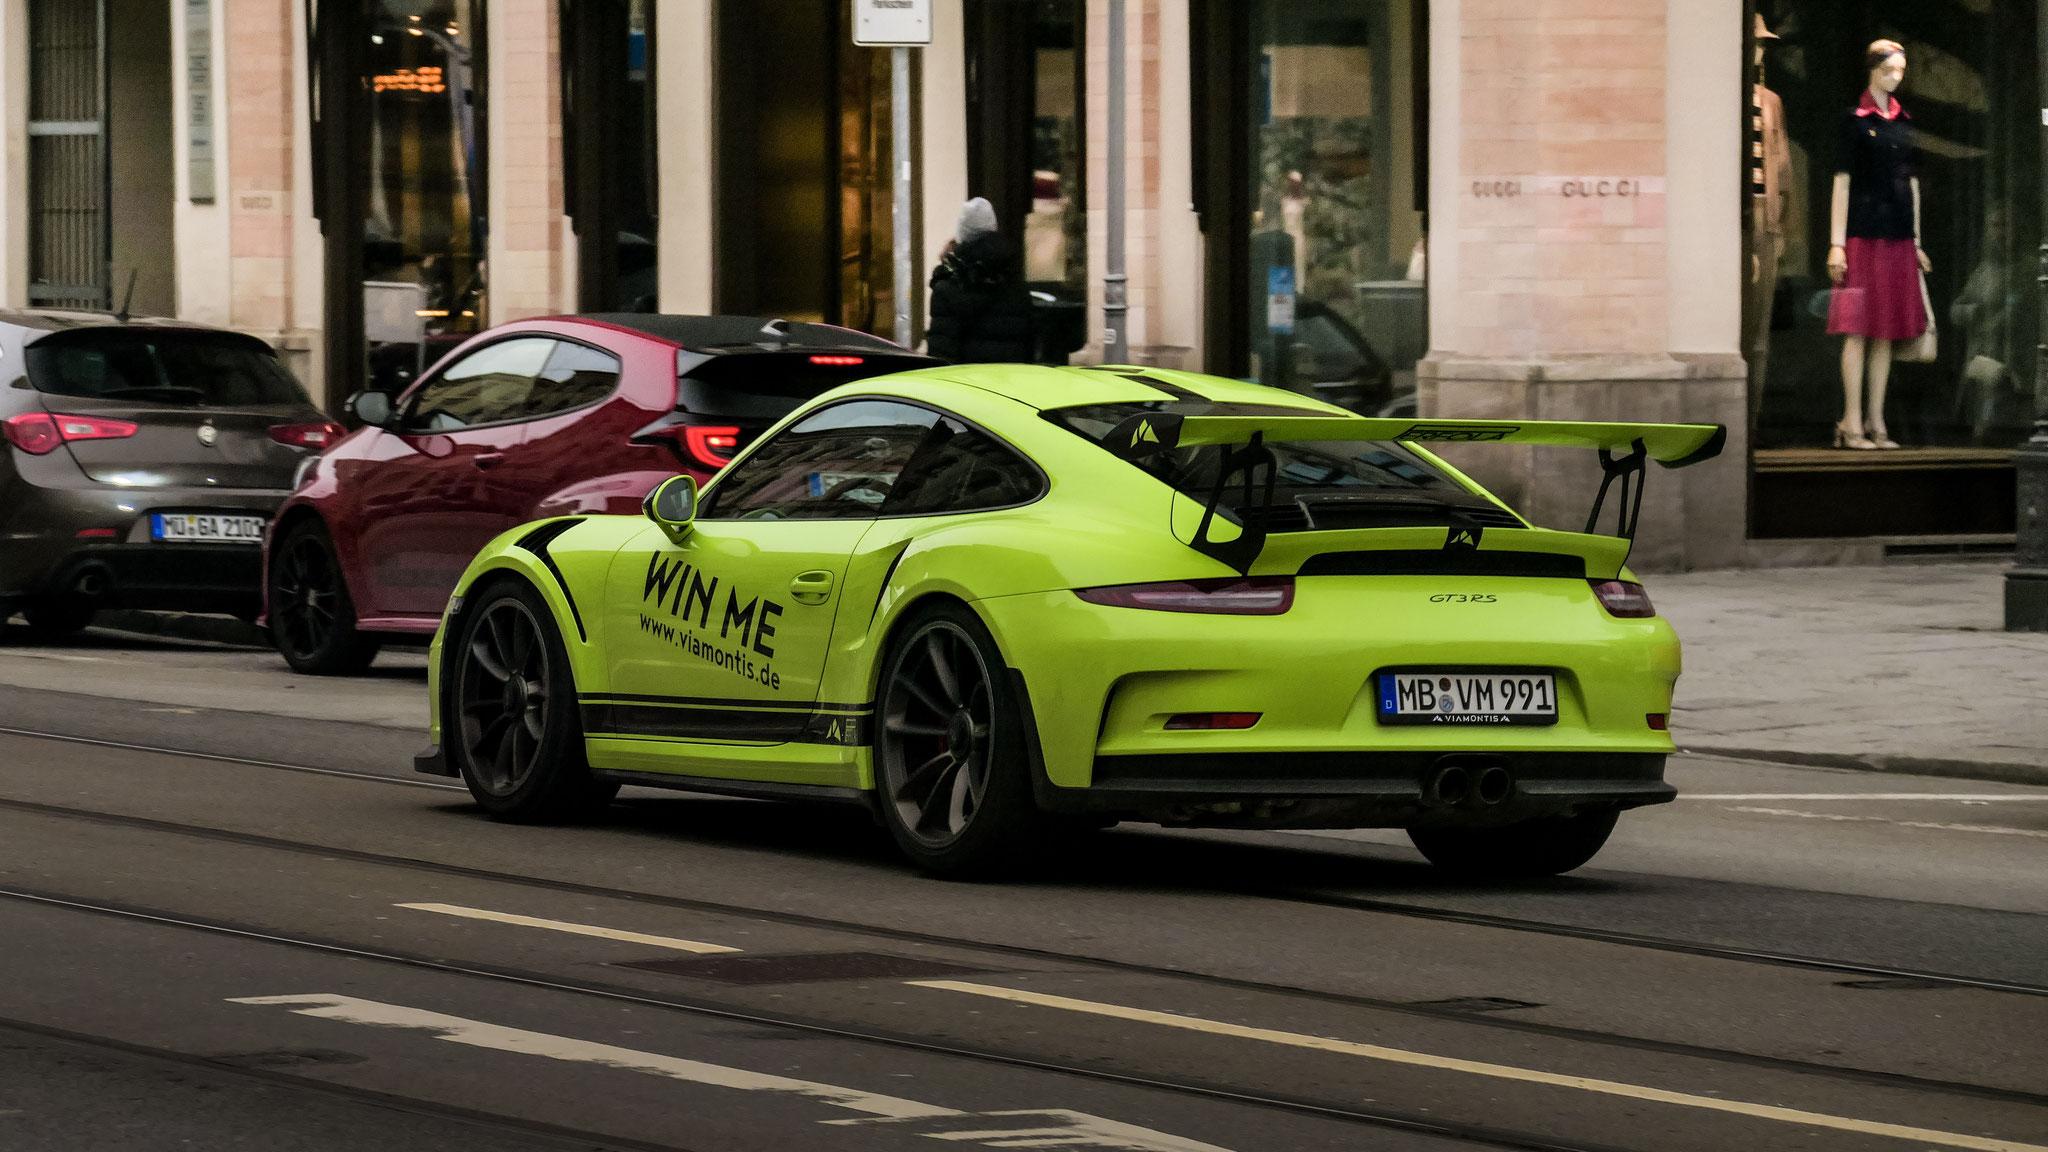 Porsche 911 GT3 RS - MB-VM-991